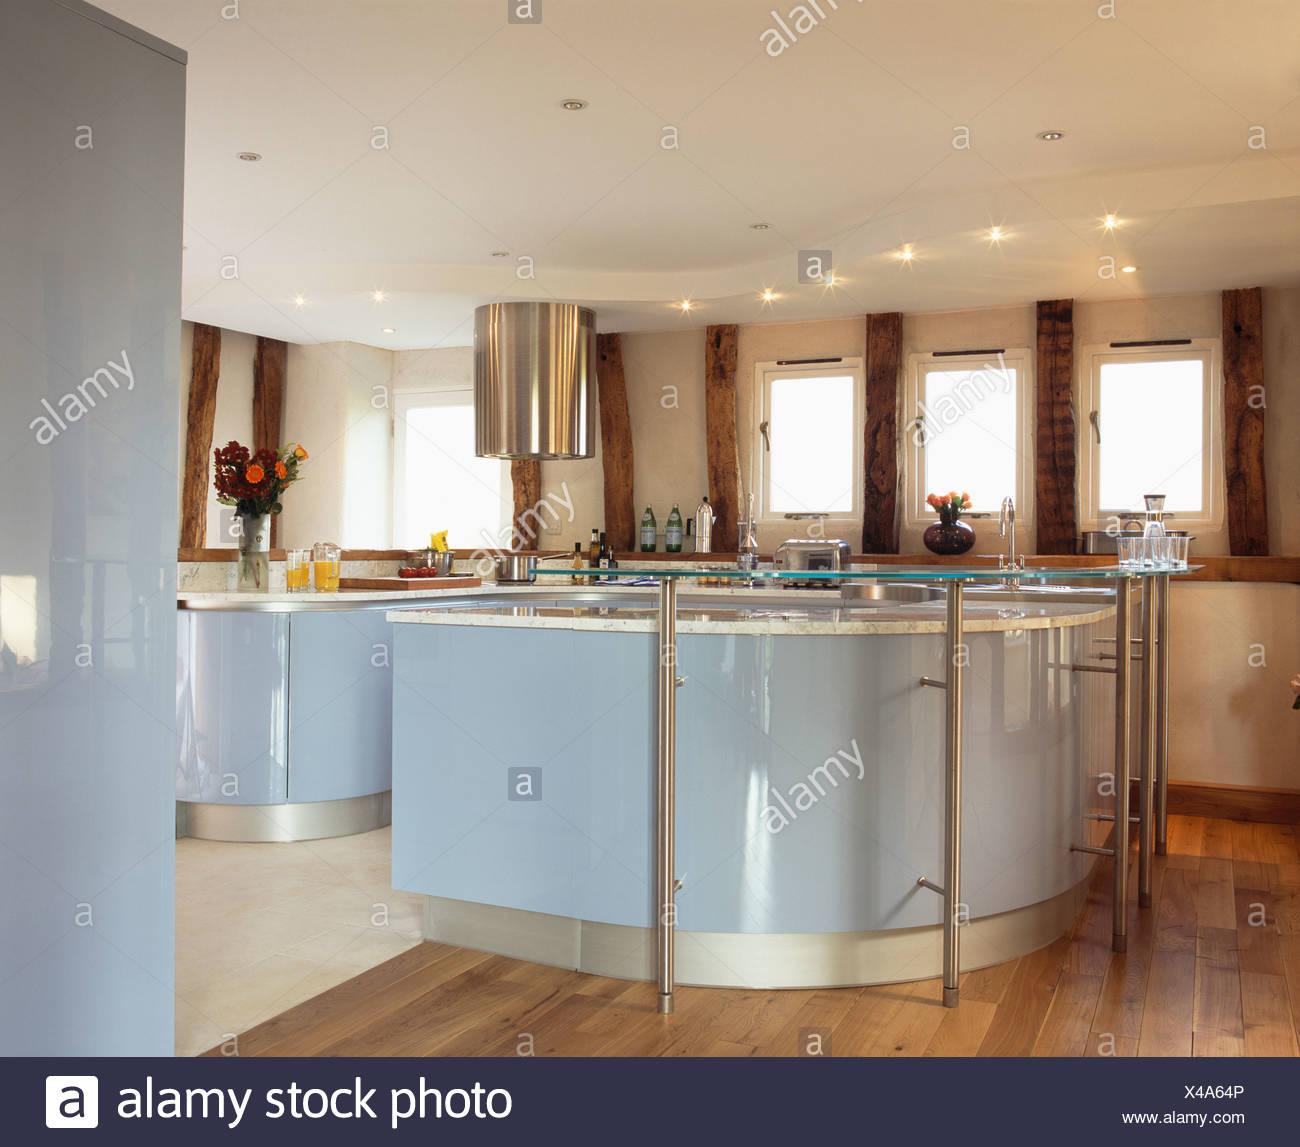 Pallido laccato blu dotato di unità nel paese moderno cucina con ...